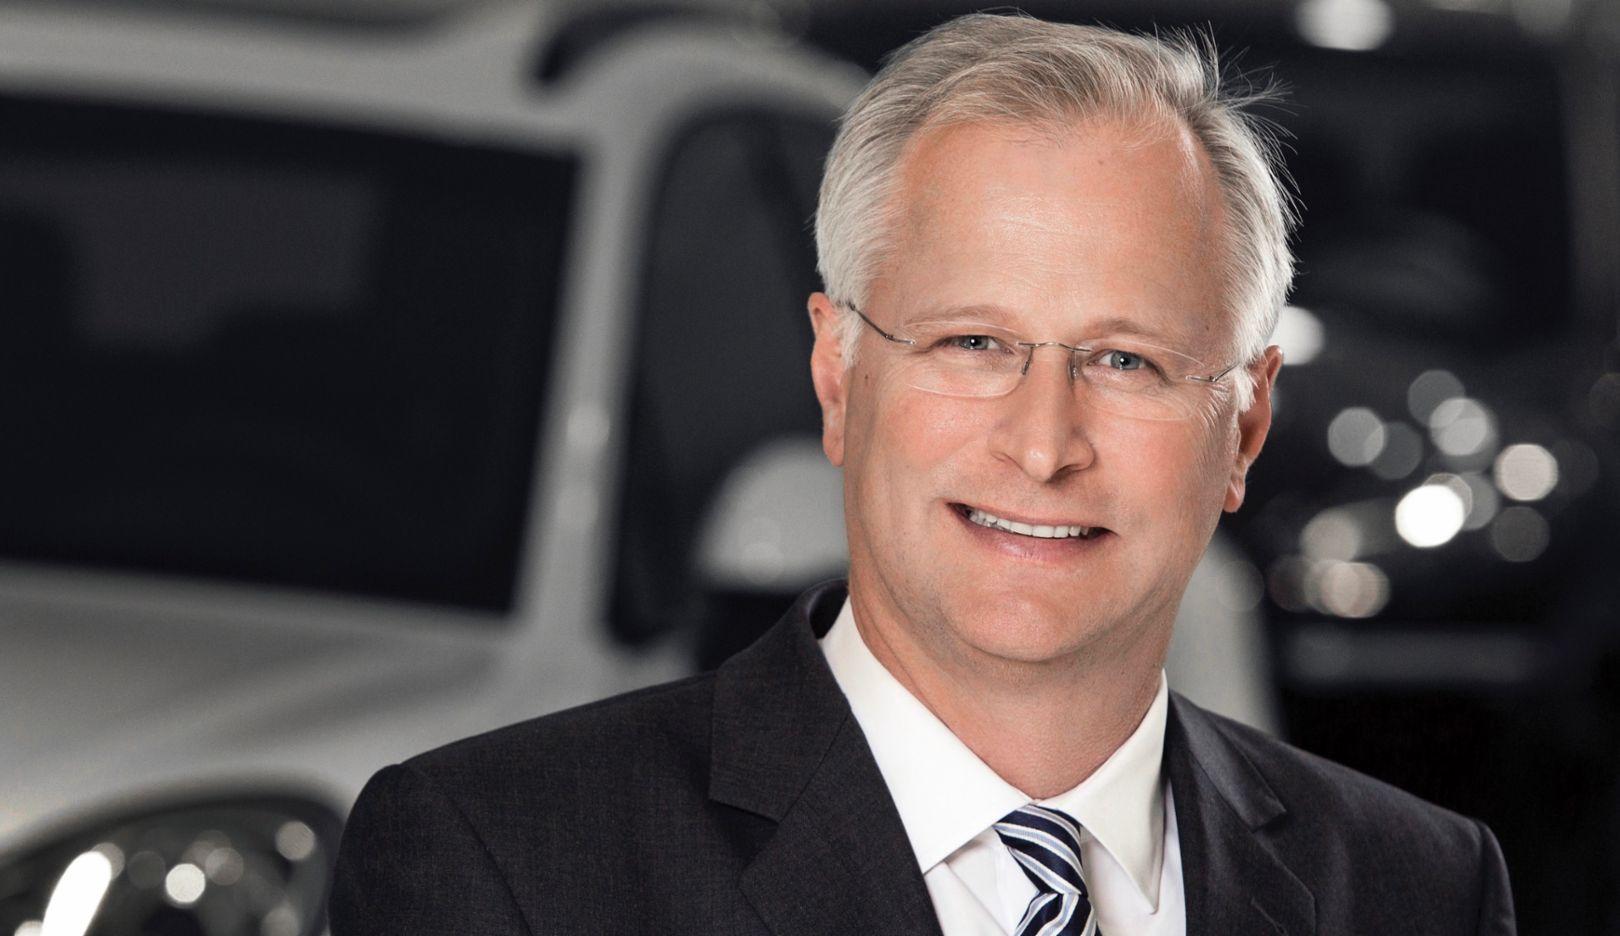 Jens Puttfarcken, President and Chief Executive Officer Porsche China and Porsche Hong Kong, 2018, Porsche AG